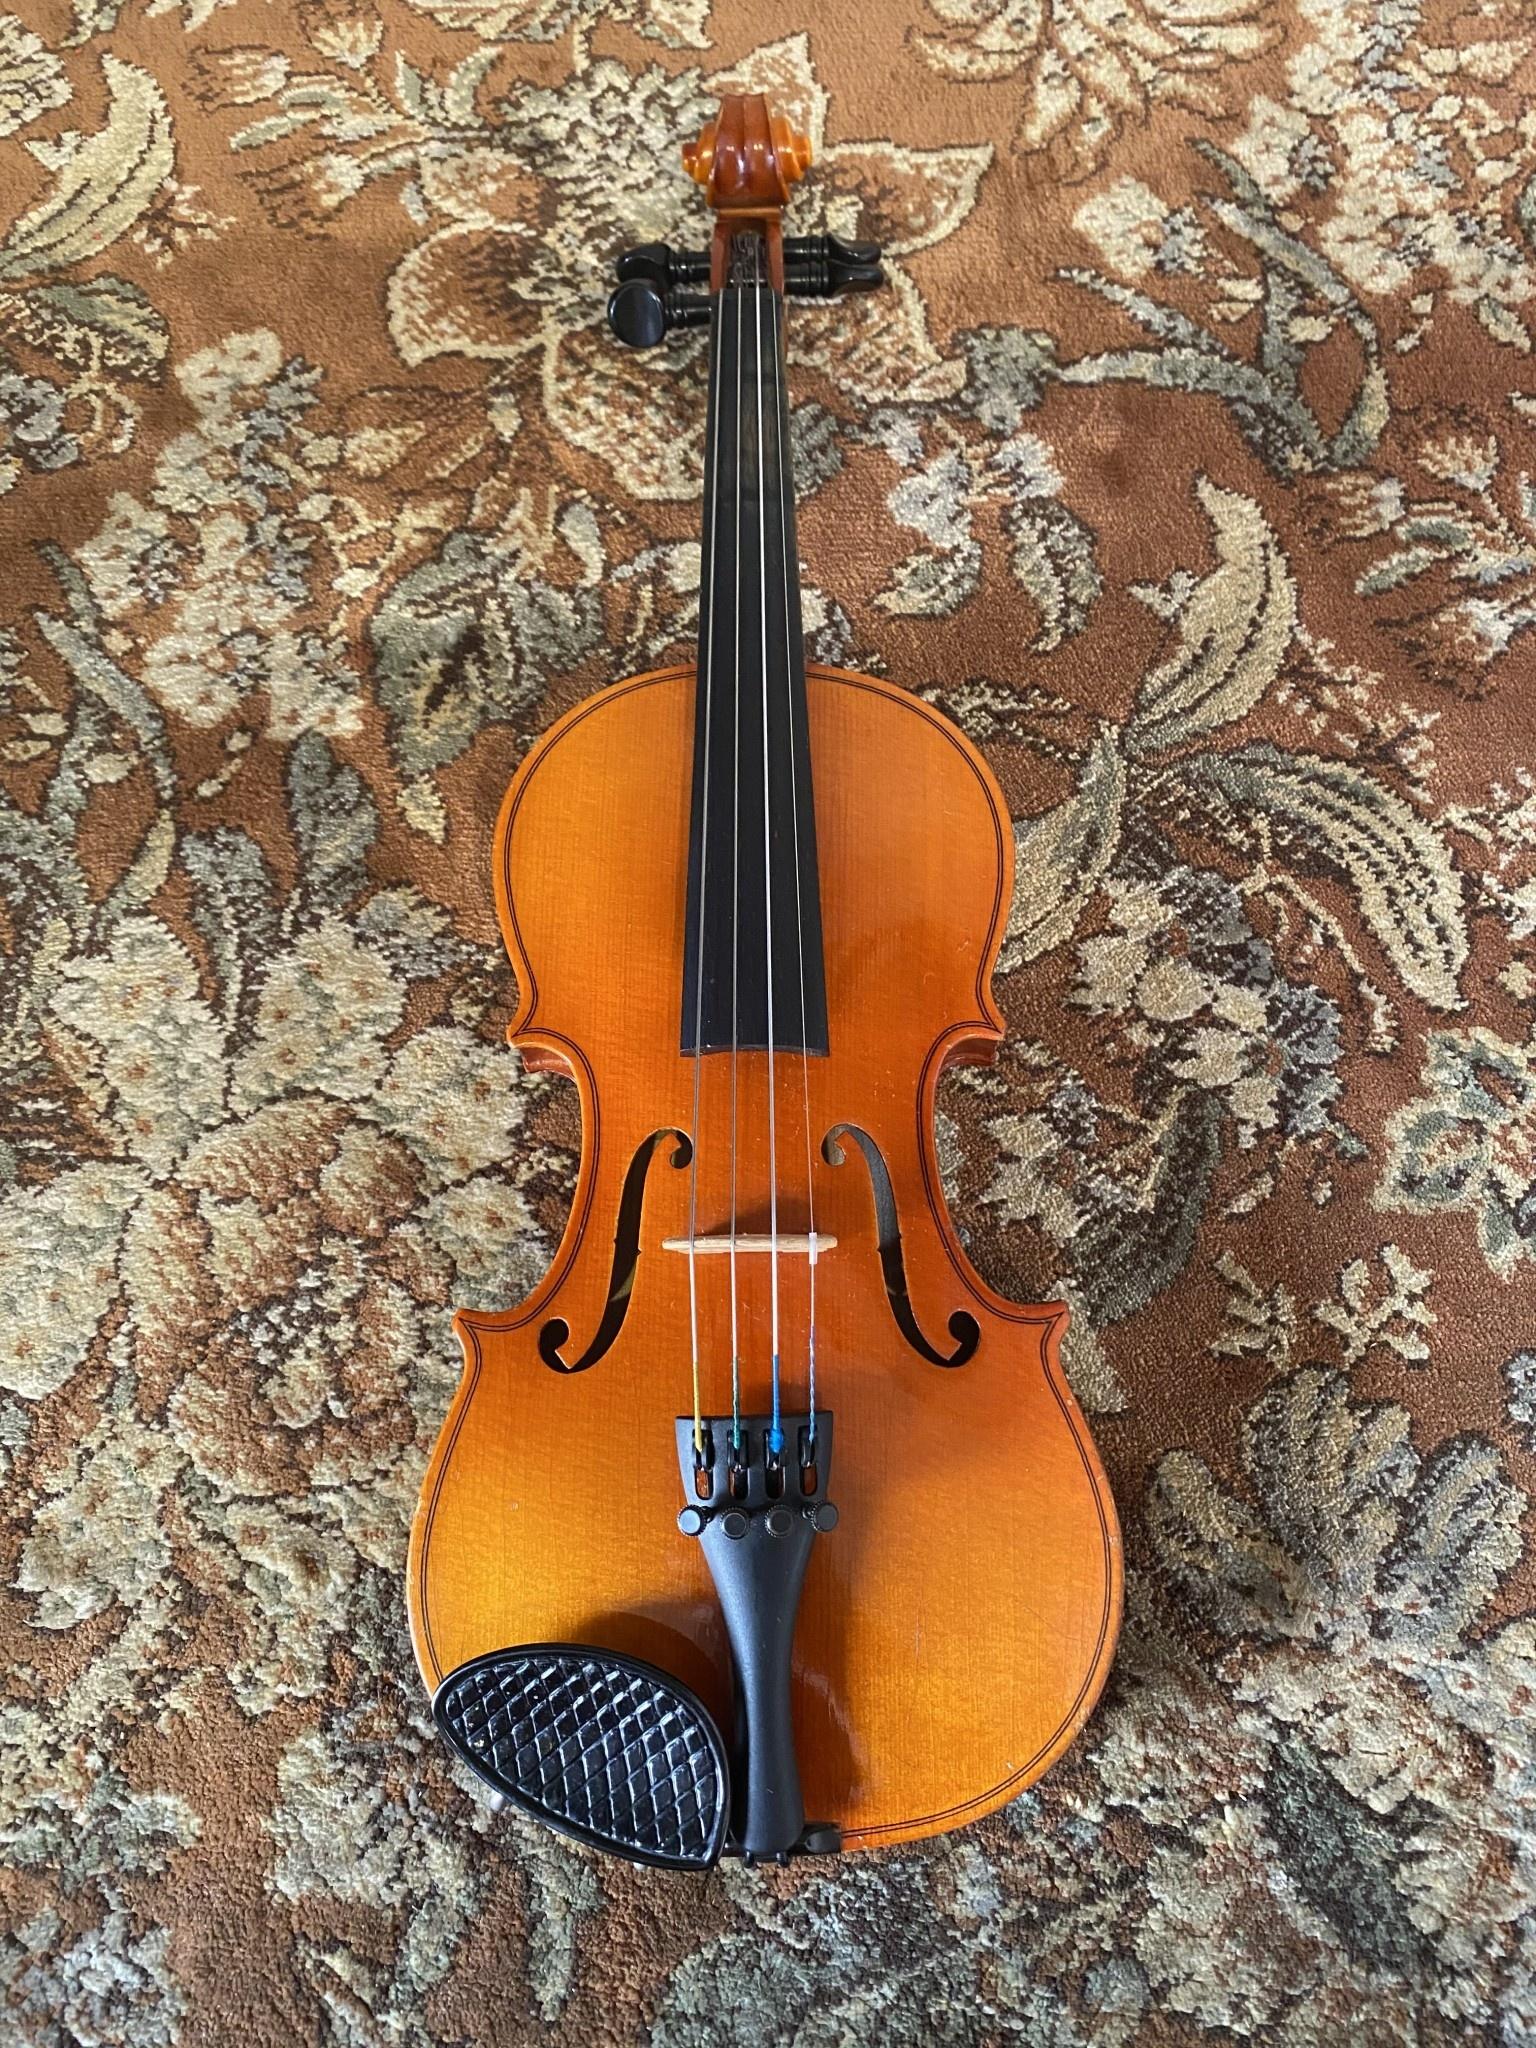 Japanese 1/8 Suzuki used violin outfit